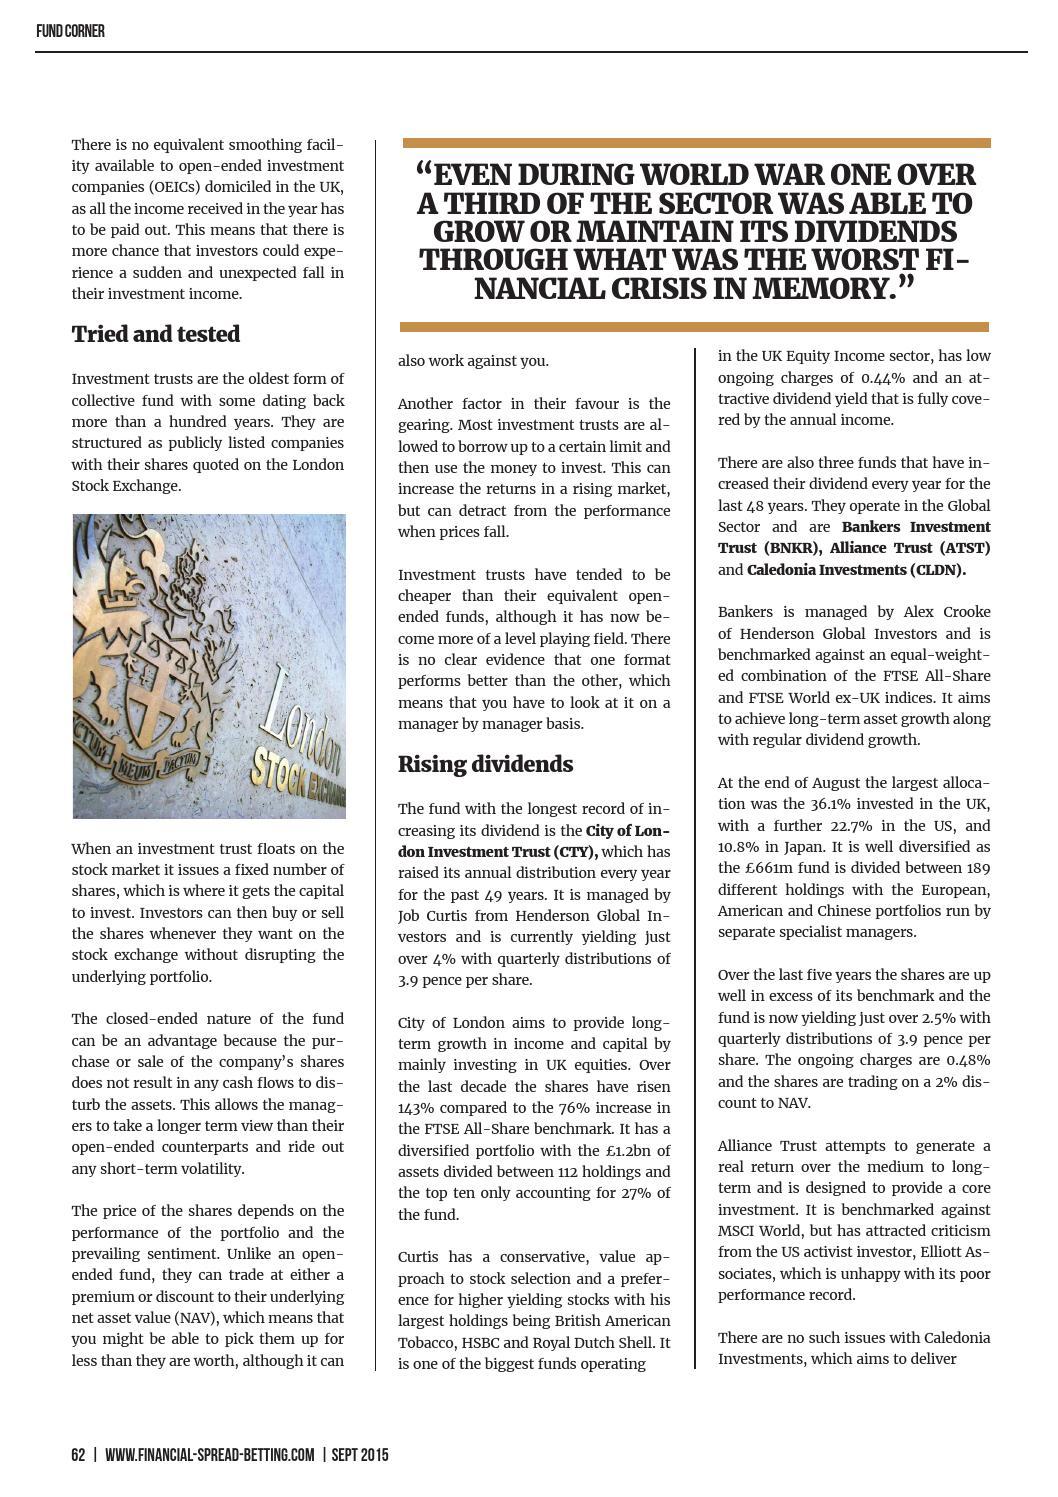 Spreadbetting Magazine v45